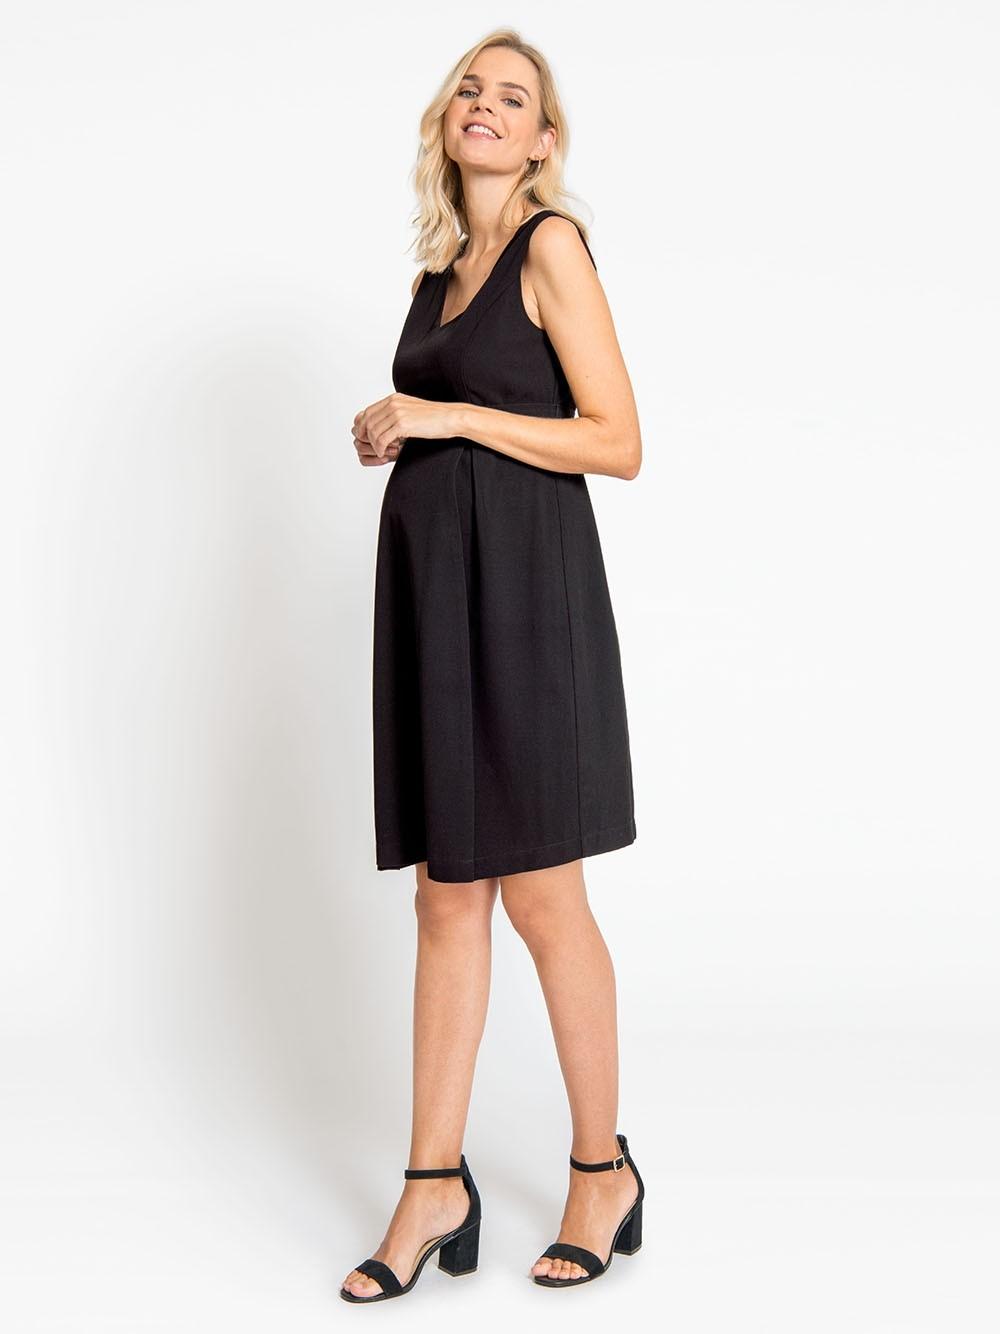 a3a2016375d4e JoJo Black Tailored Maternity Dress - Bump & me